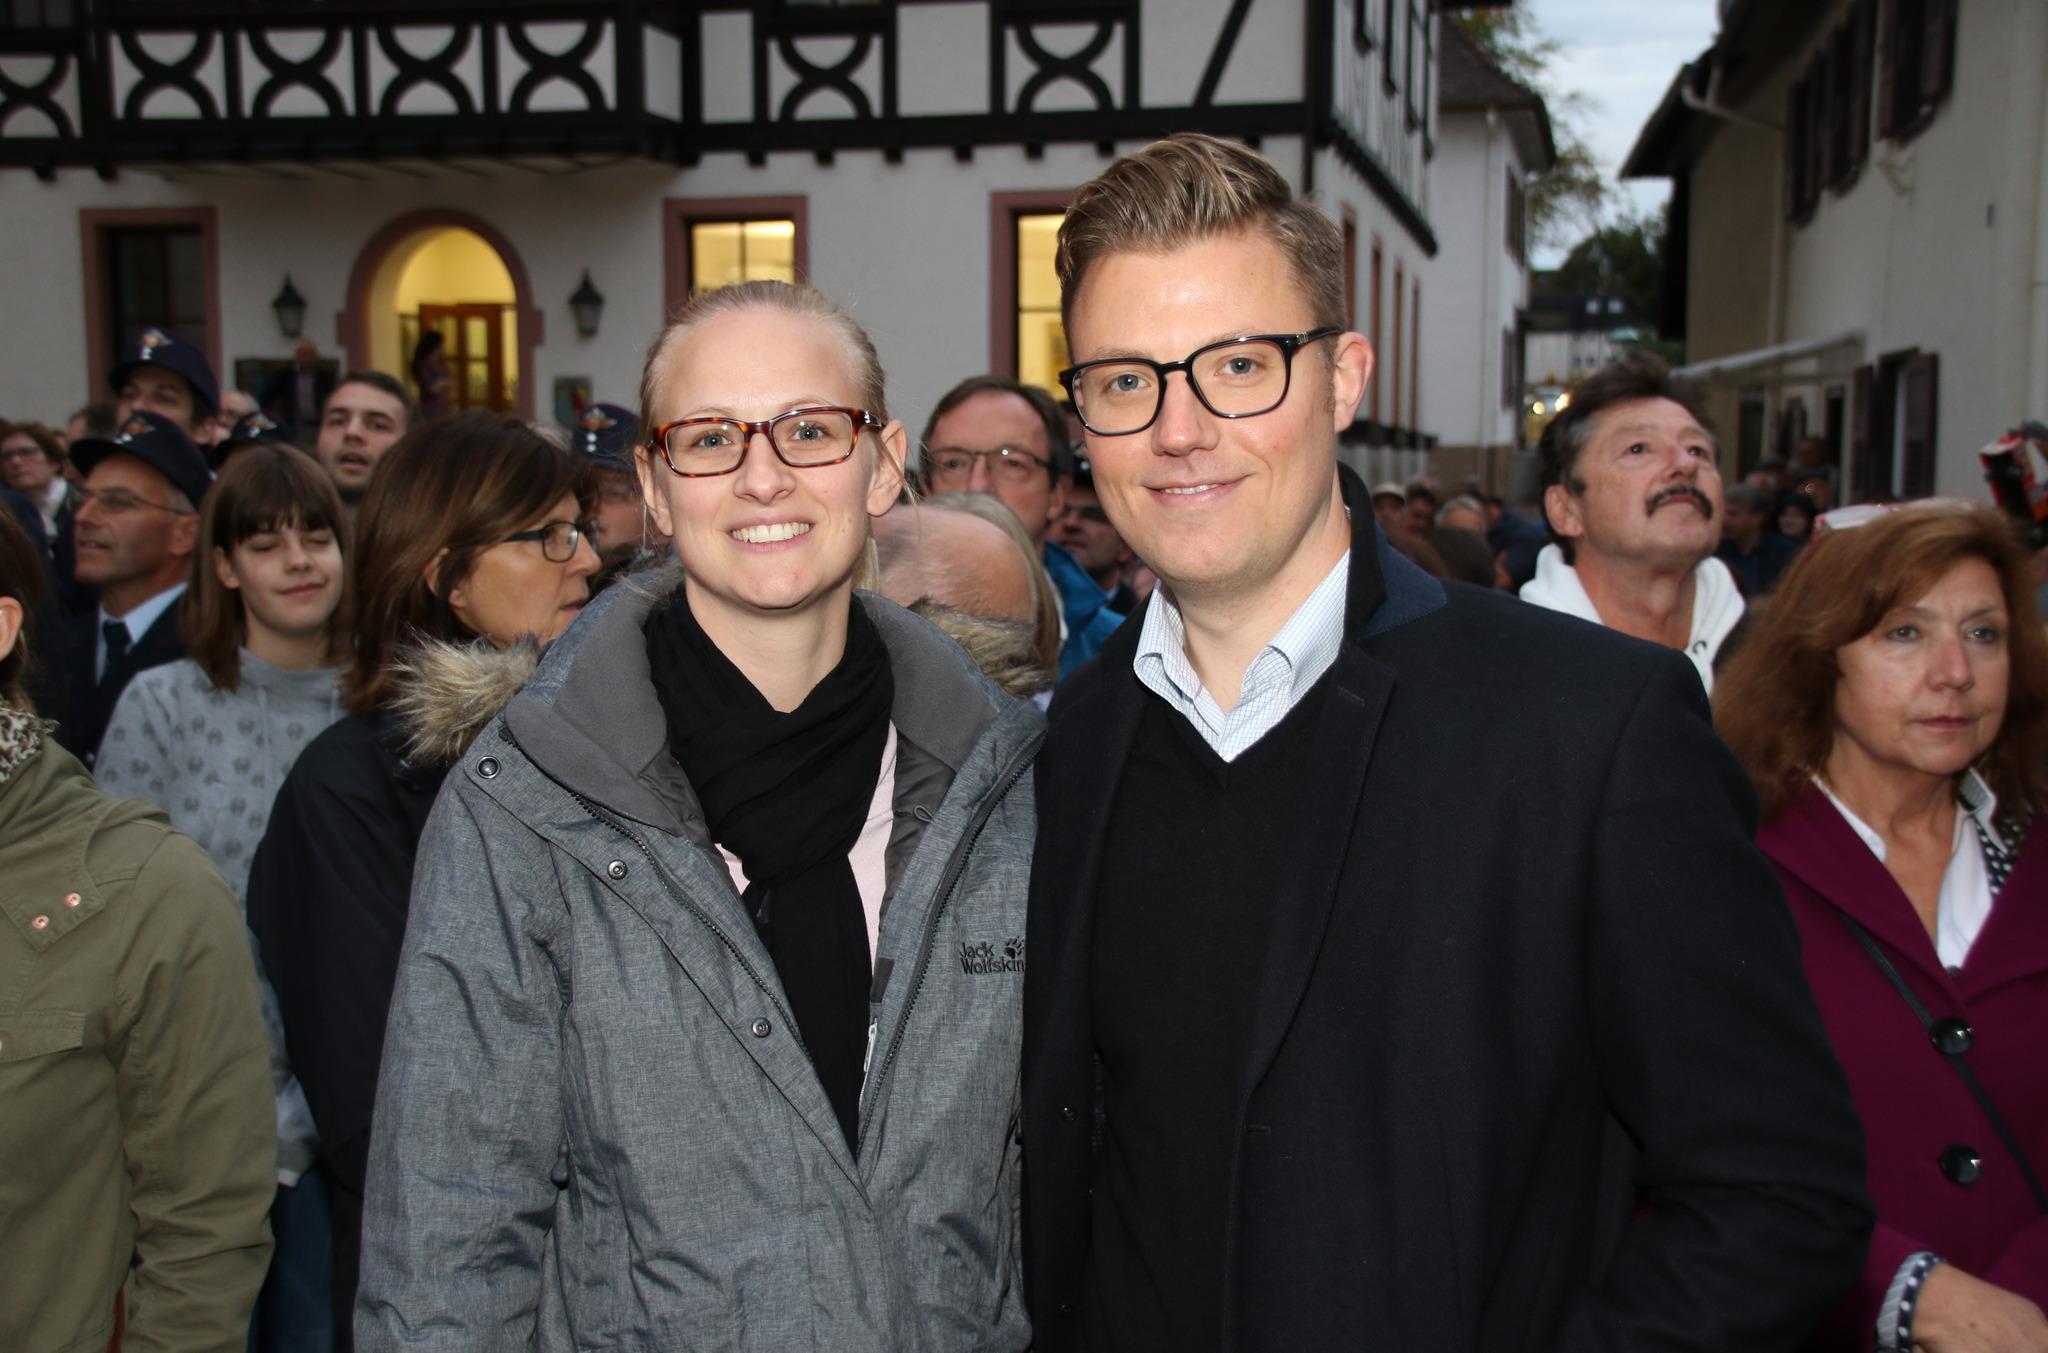 Souverän siegte Gregor Bühler im ersten Wahlgang und wird der neue Bürgermeister von Sasbach – hier mit seiner Ehefrau Tanja.